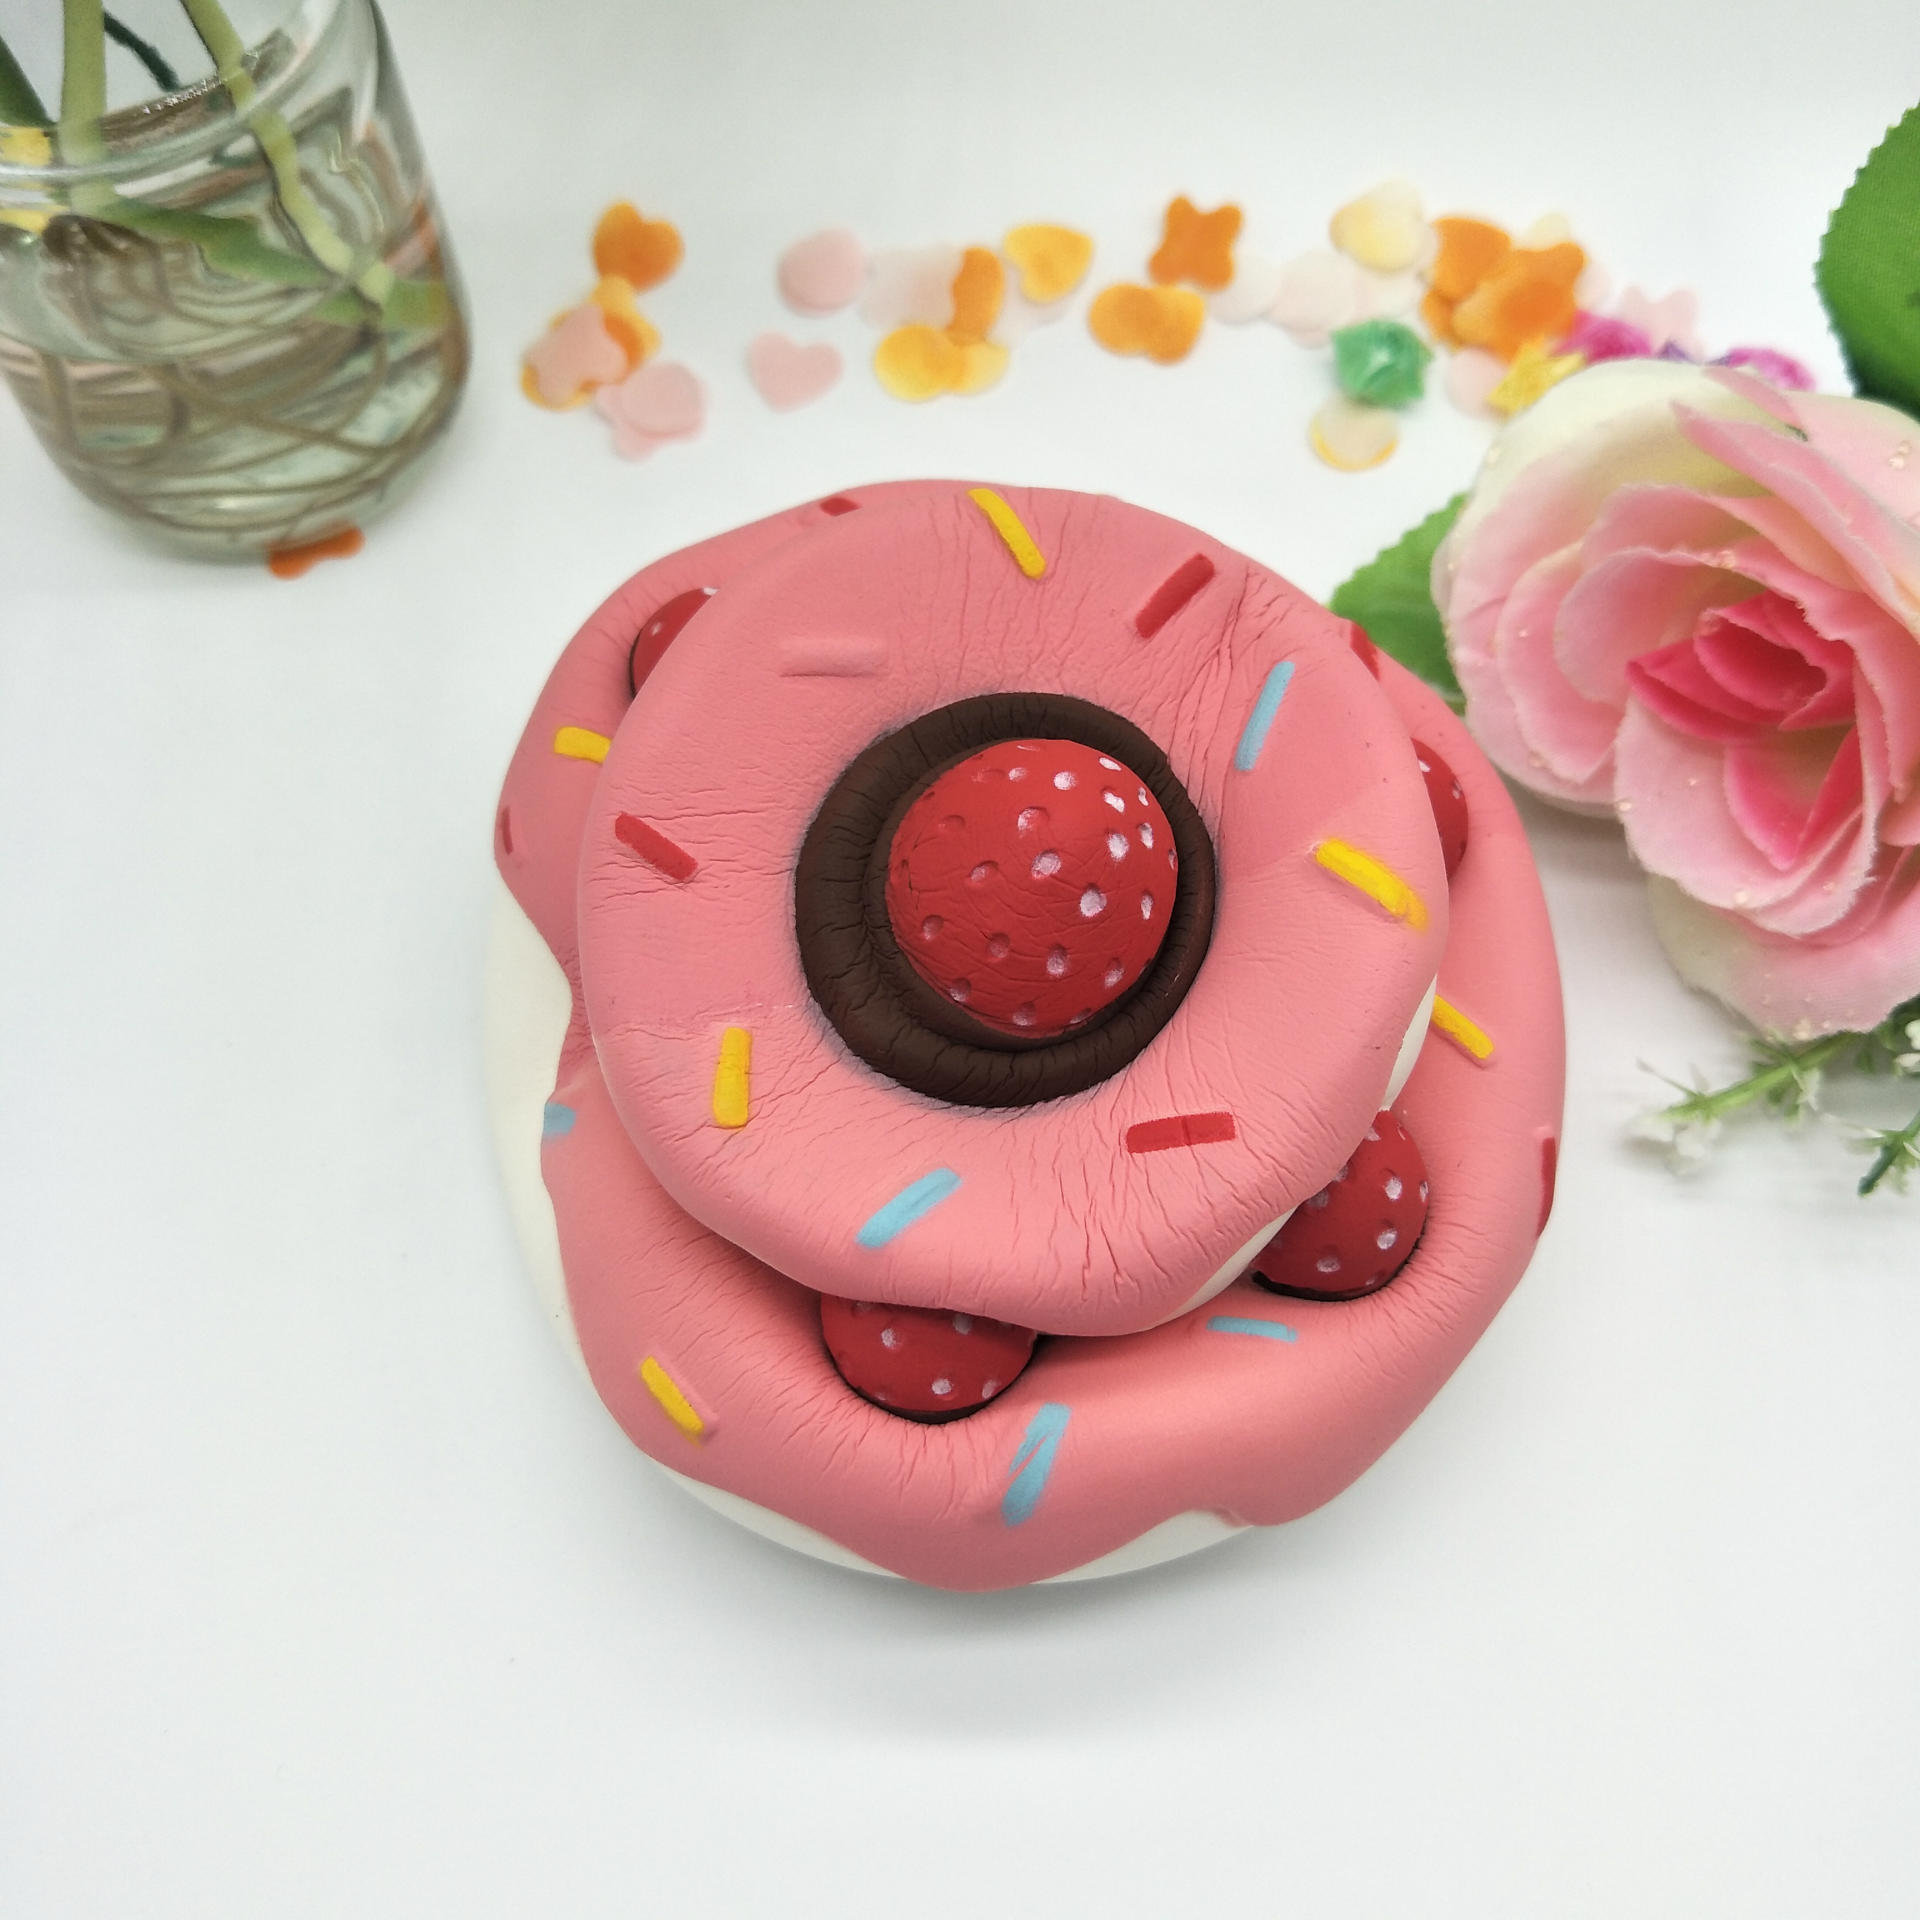 SAINTGI Squishy hamburguesa pudcoco juguete figura de acción limo - Nuevos juguetes y juegos - foto 3